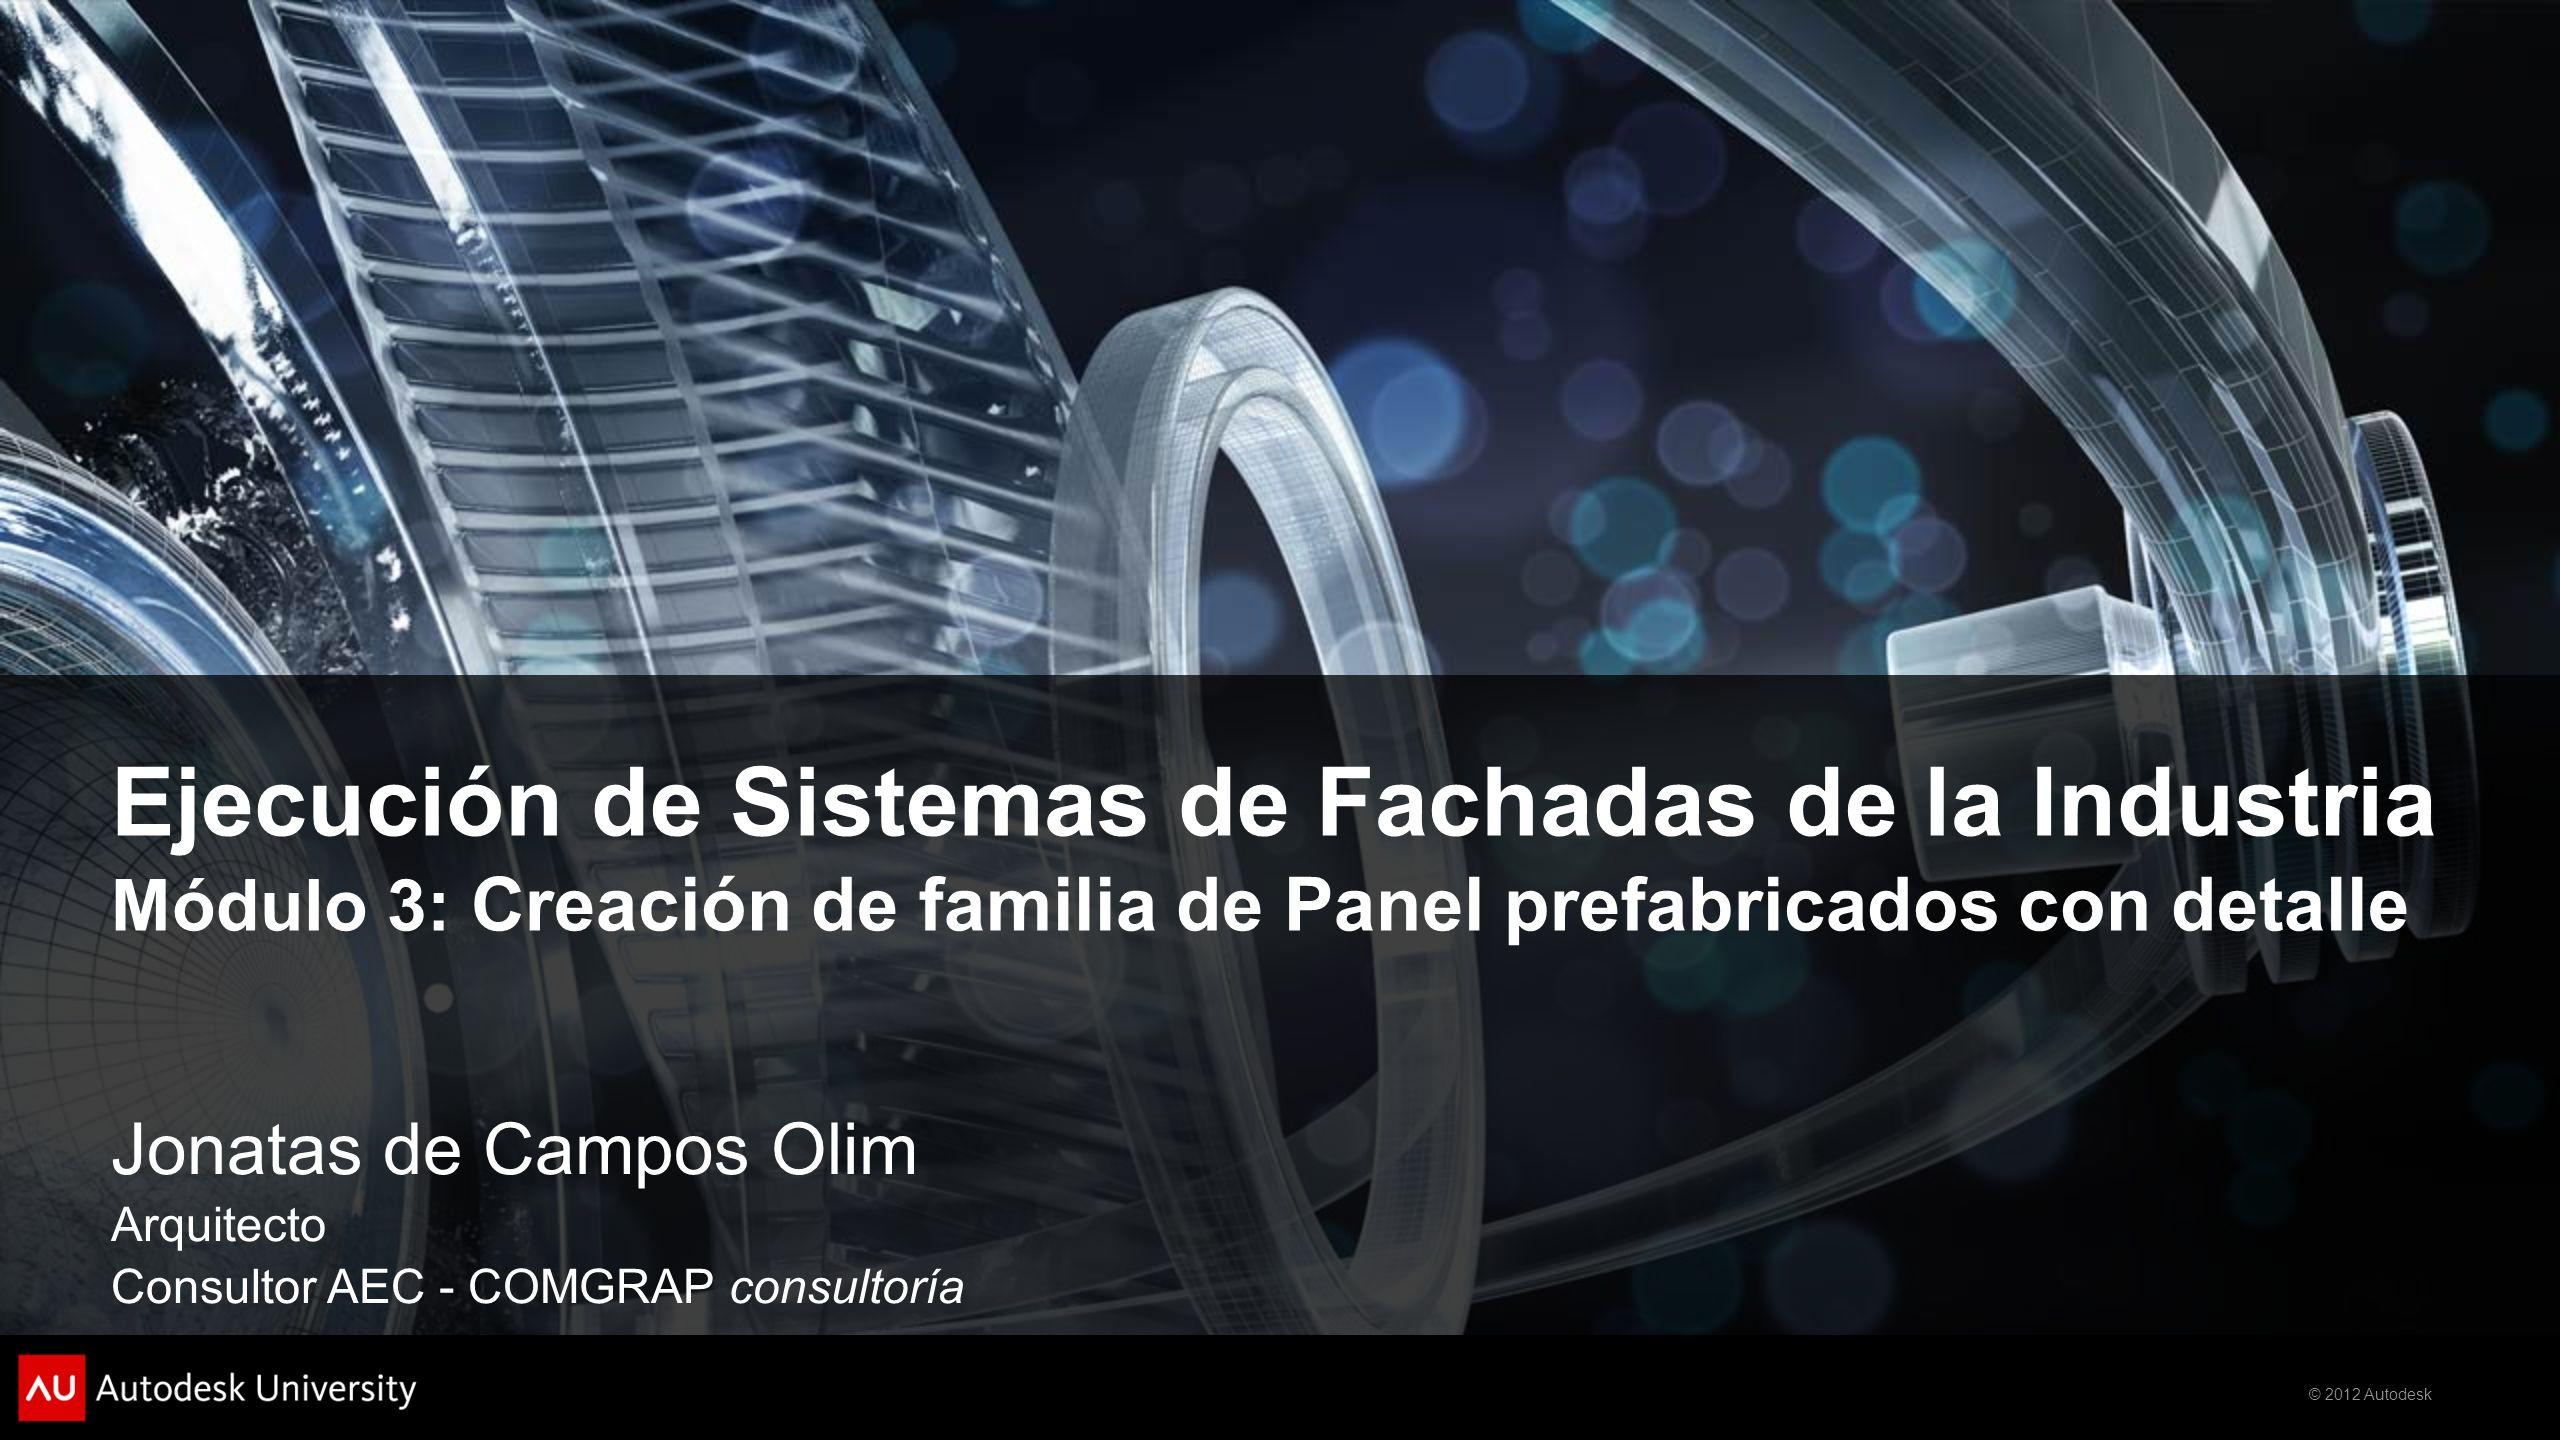 © 2012 Autodesk Ejecución de Sistemas de Fachadas de la Industria Módulo 3: Creación de familia de Panel prefabricados con detalle Jonatas de Campos Olim Arquitecto Consultor AEC - COMGRAP consultoría